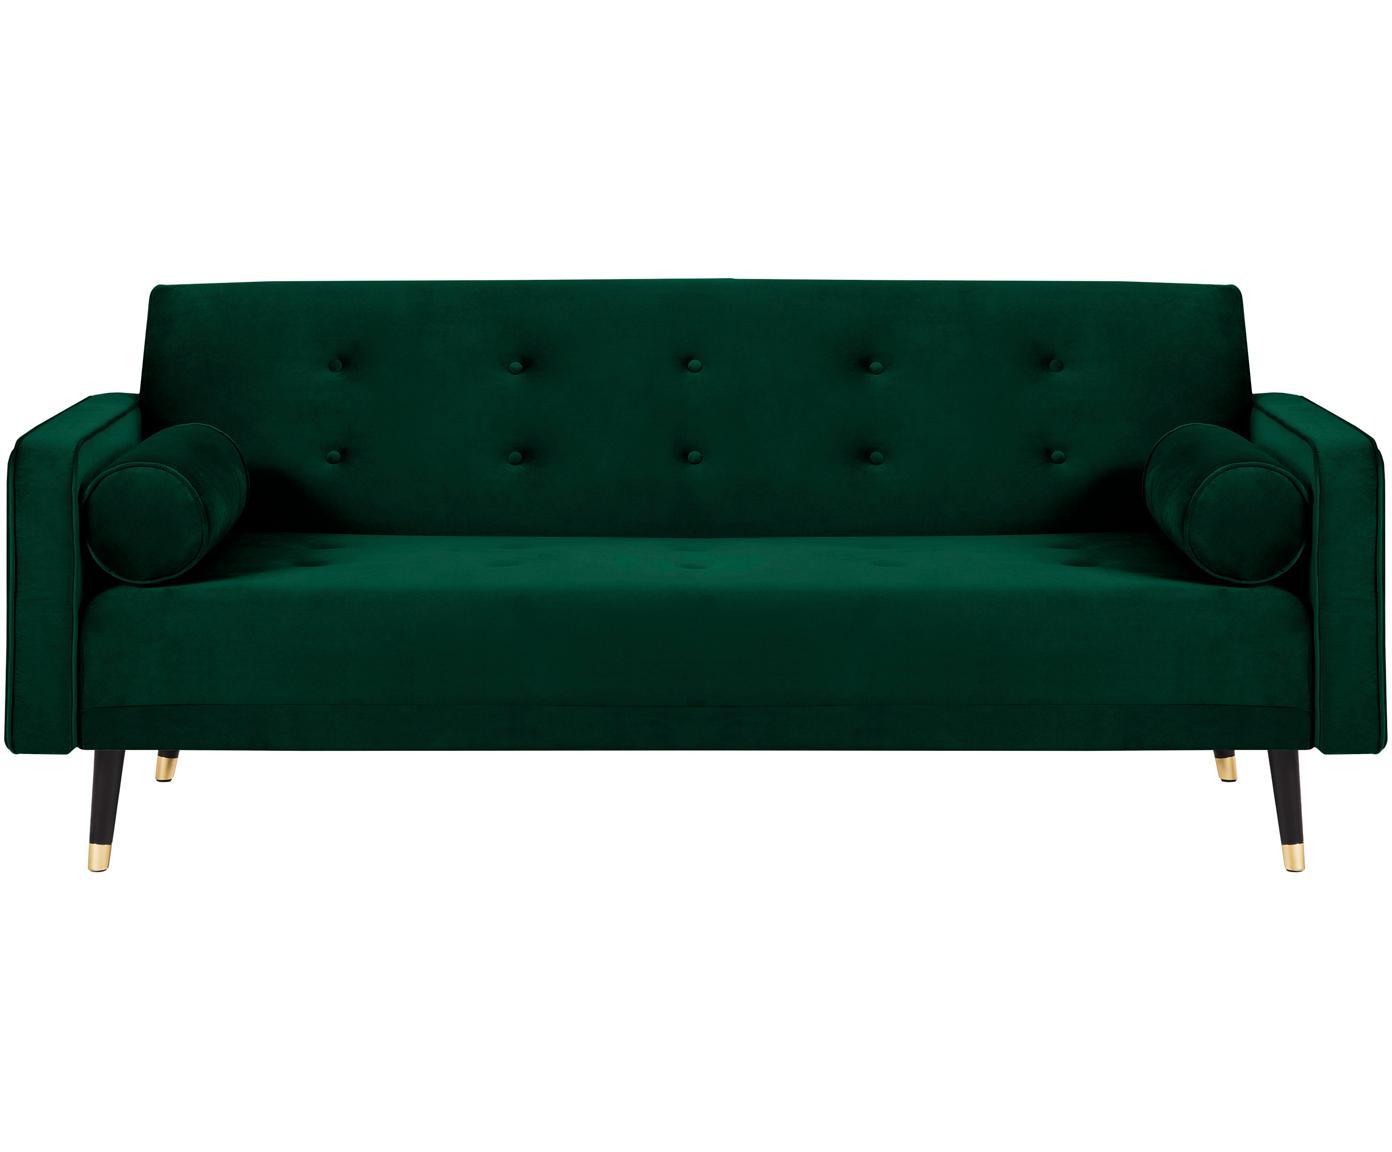 Sofa rozkładana z aksamitu Gia (3-osobowa), Tapicerka: aksamit poliestrowy, Nogi: drewno bukowe, lakierowan, Ciemny zielony, S 212 x G 93 cm